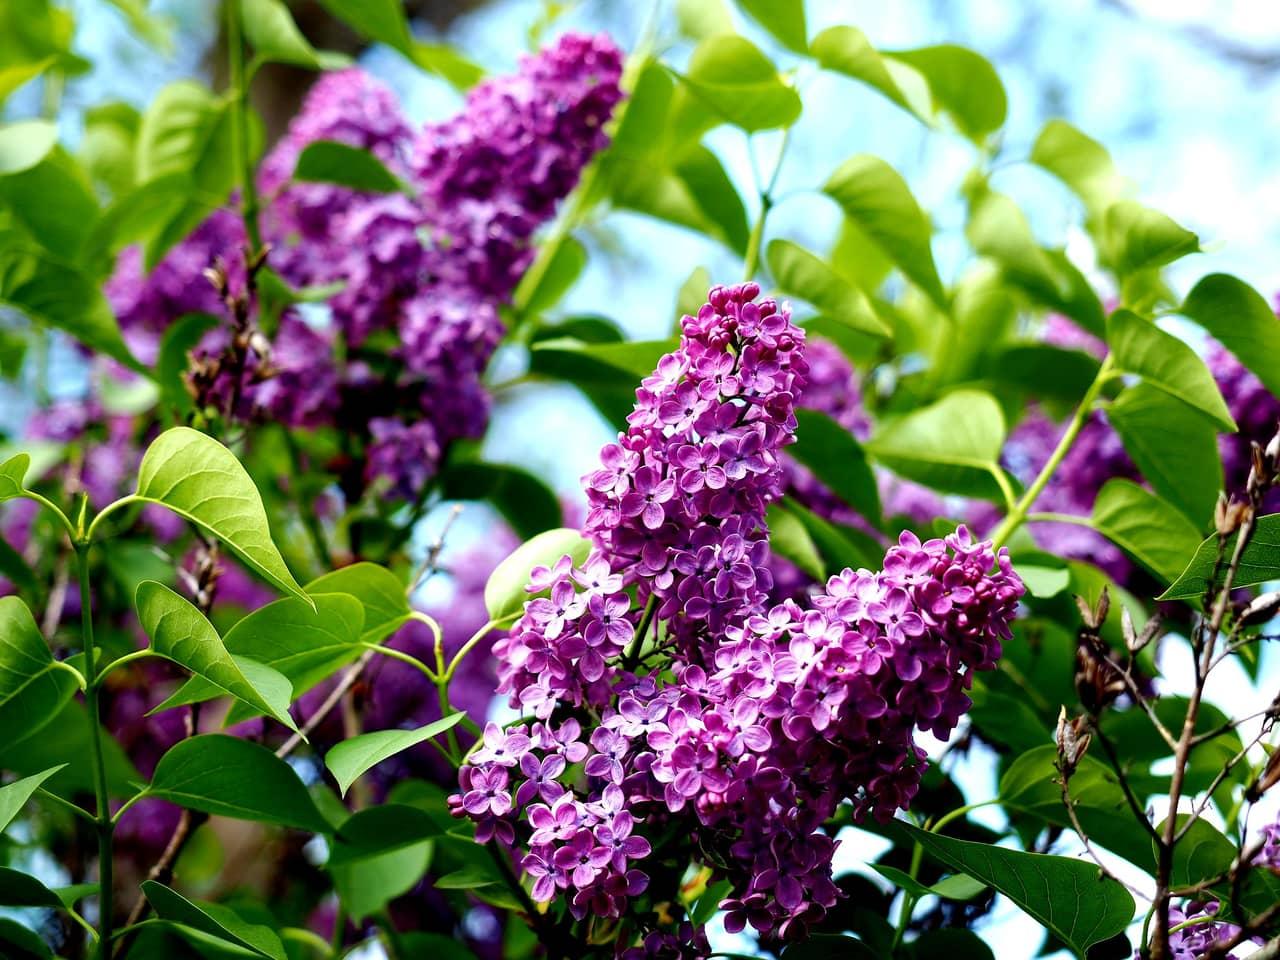 Hoa tử đinh hương nở rộ cực đẹp